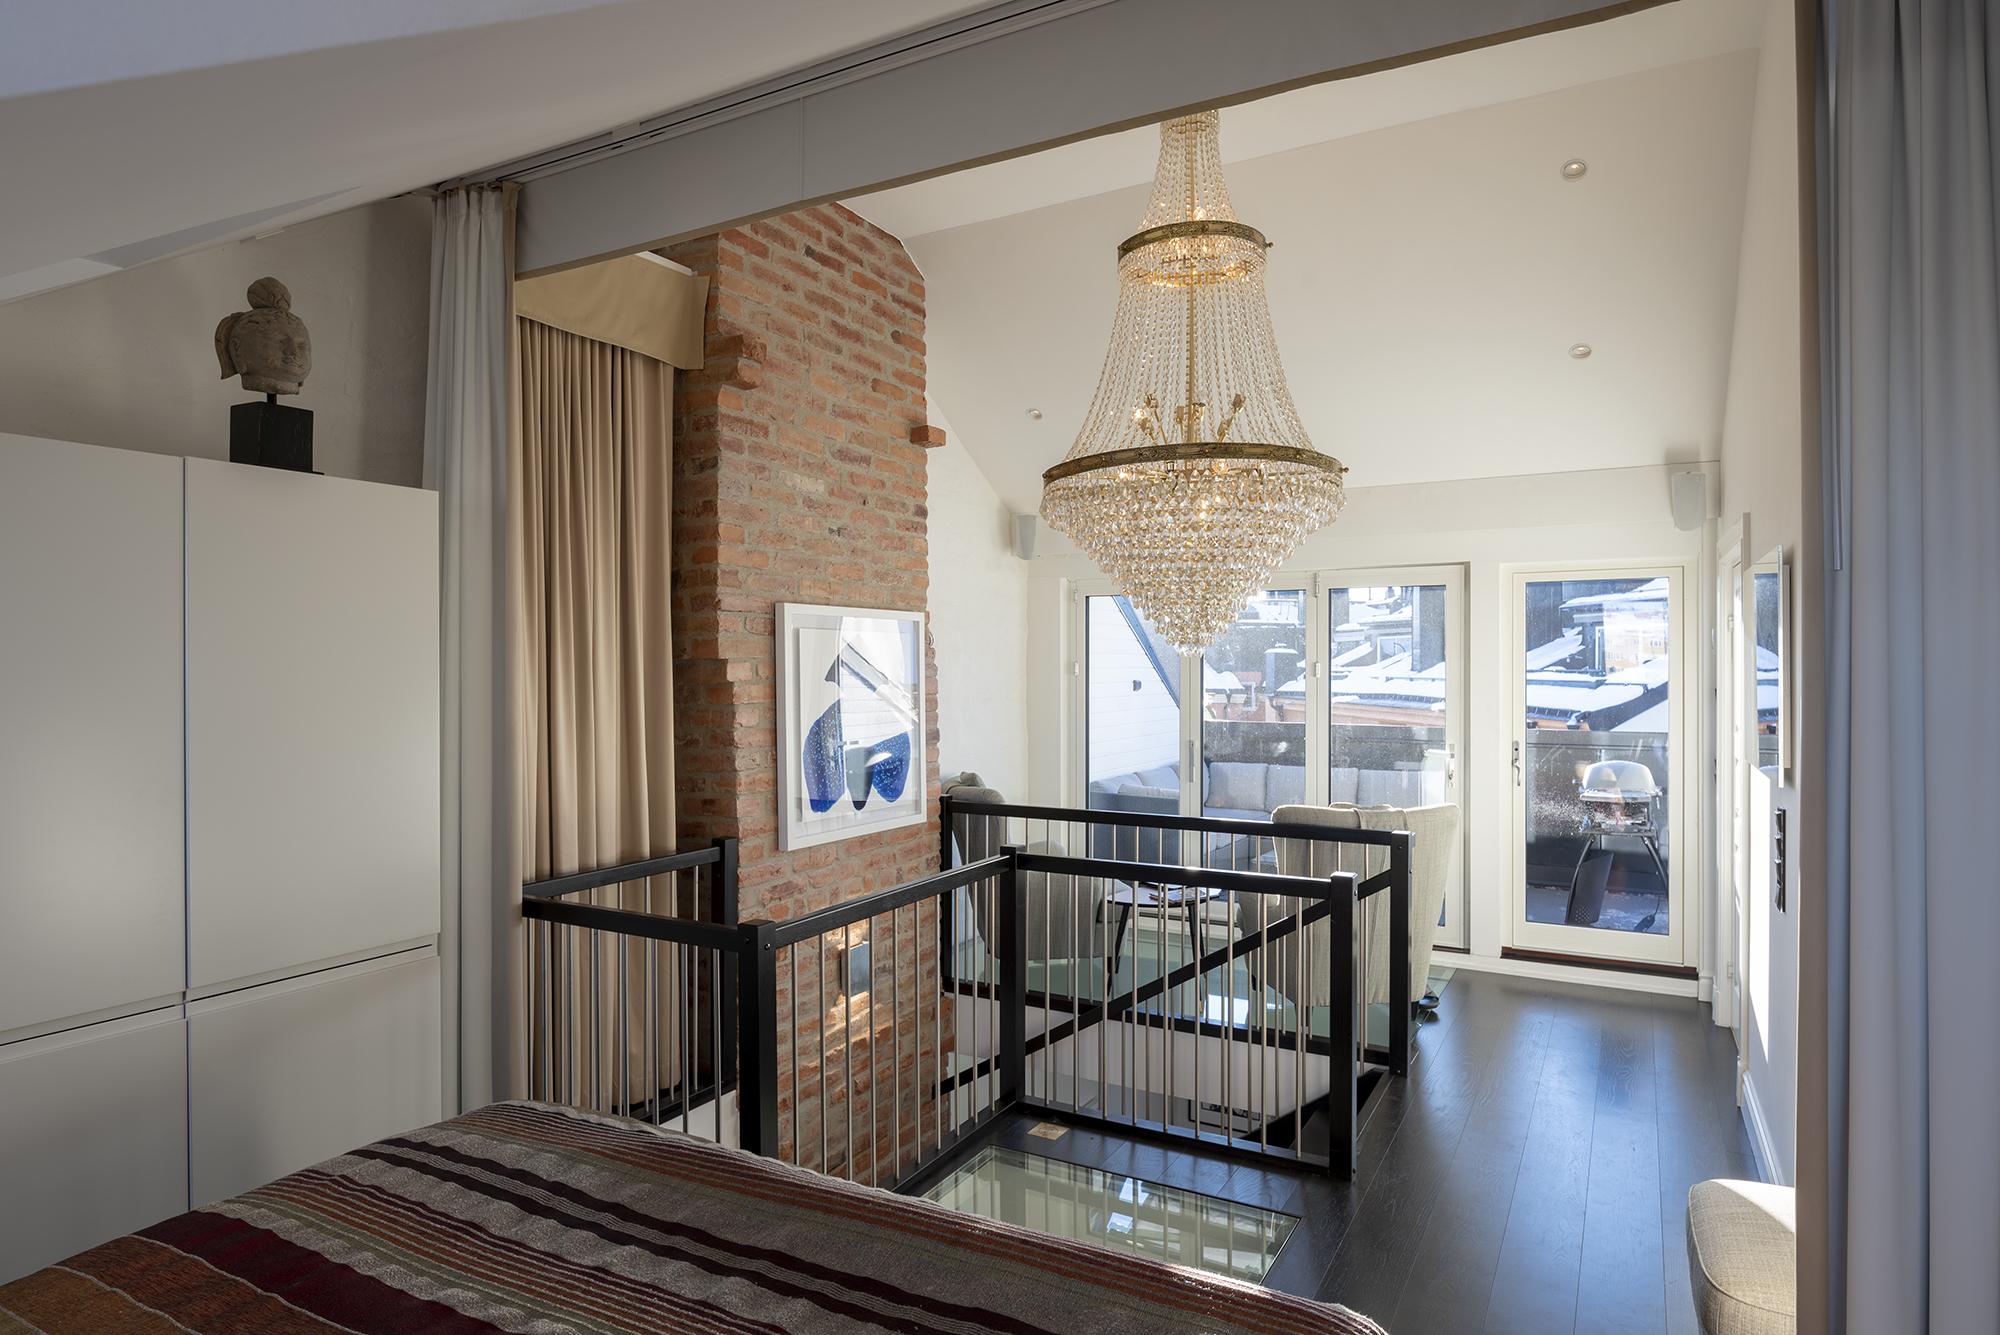 Enhetligt mörkt golv i hela våningen förutom i sällskapsdelen som har grönt marmorgolv